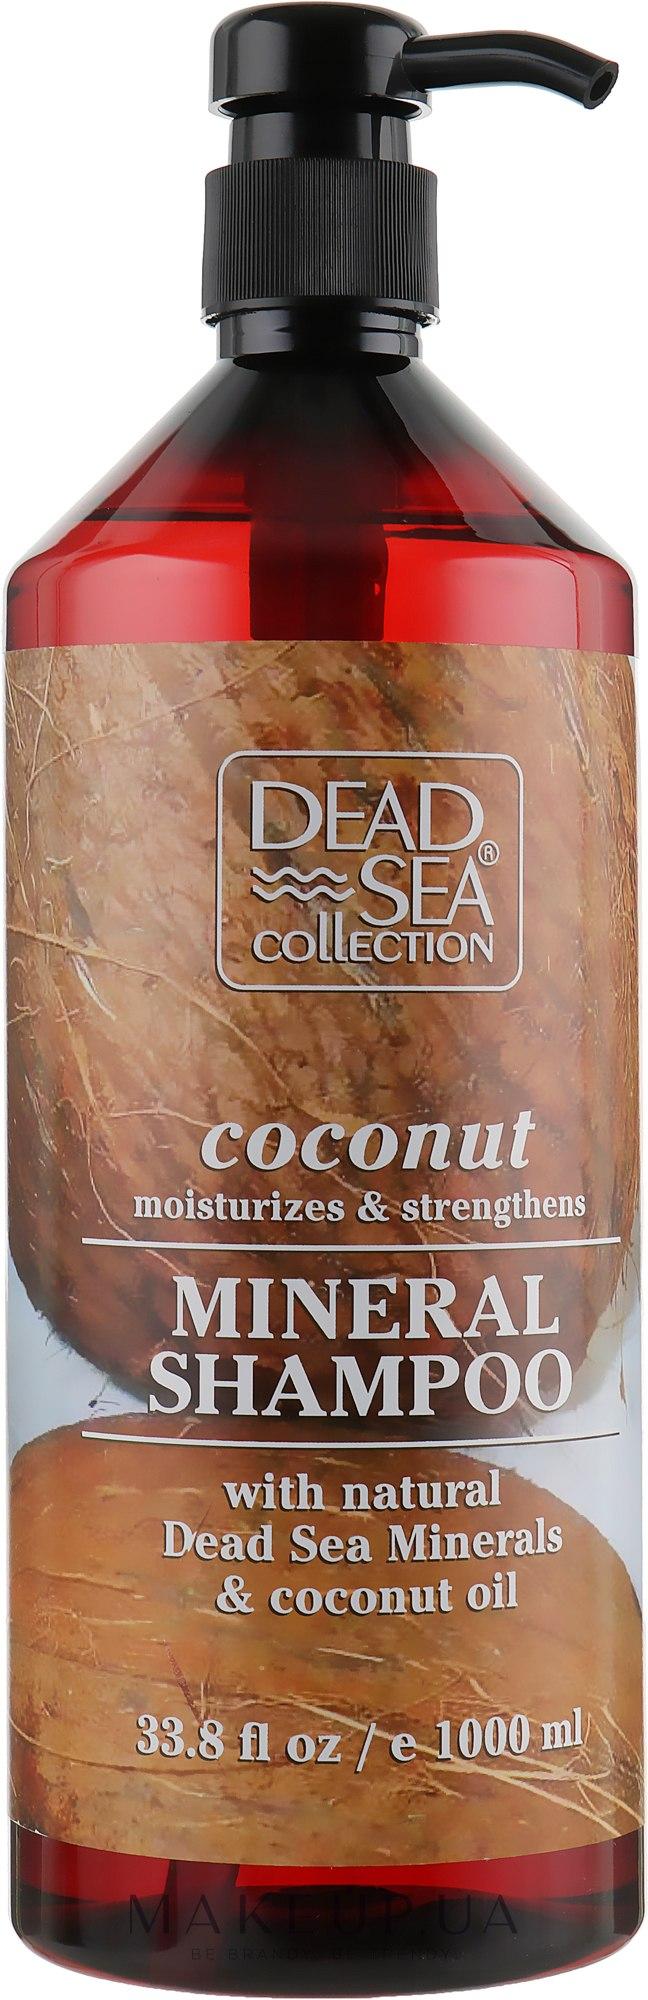 Шампунь с минералами Мертвого моря и кокосовым маслом - Dead Sea Collection Coconut Mineral Shampoo — фото 1000ml